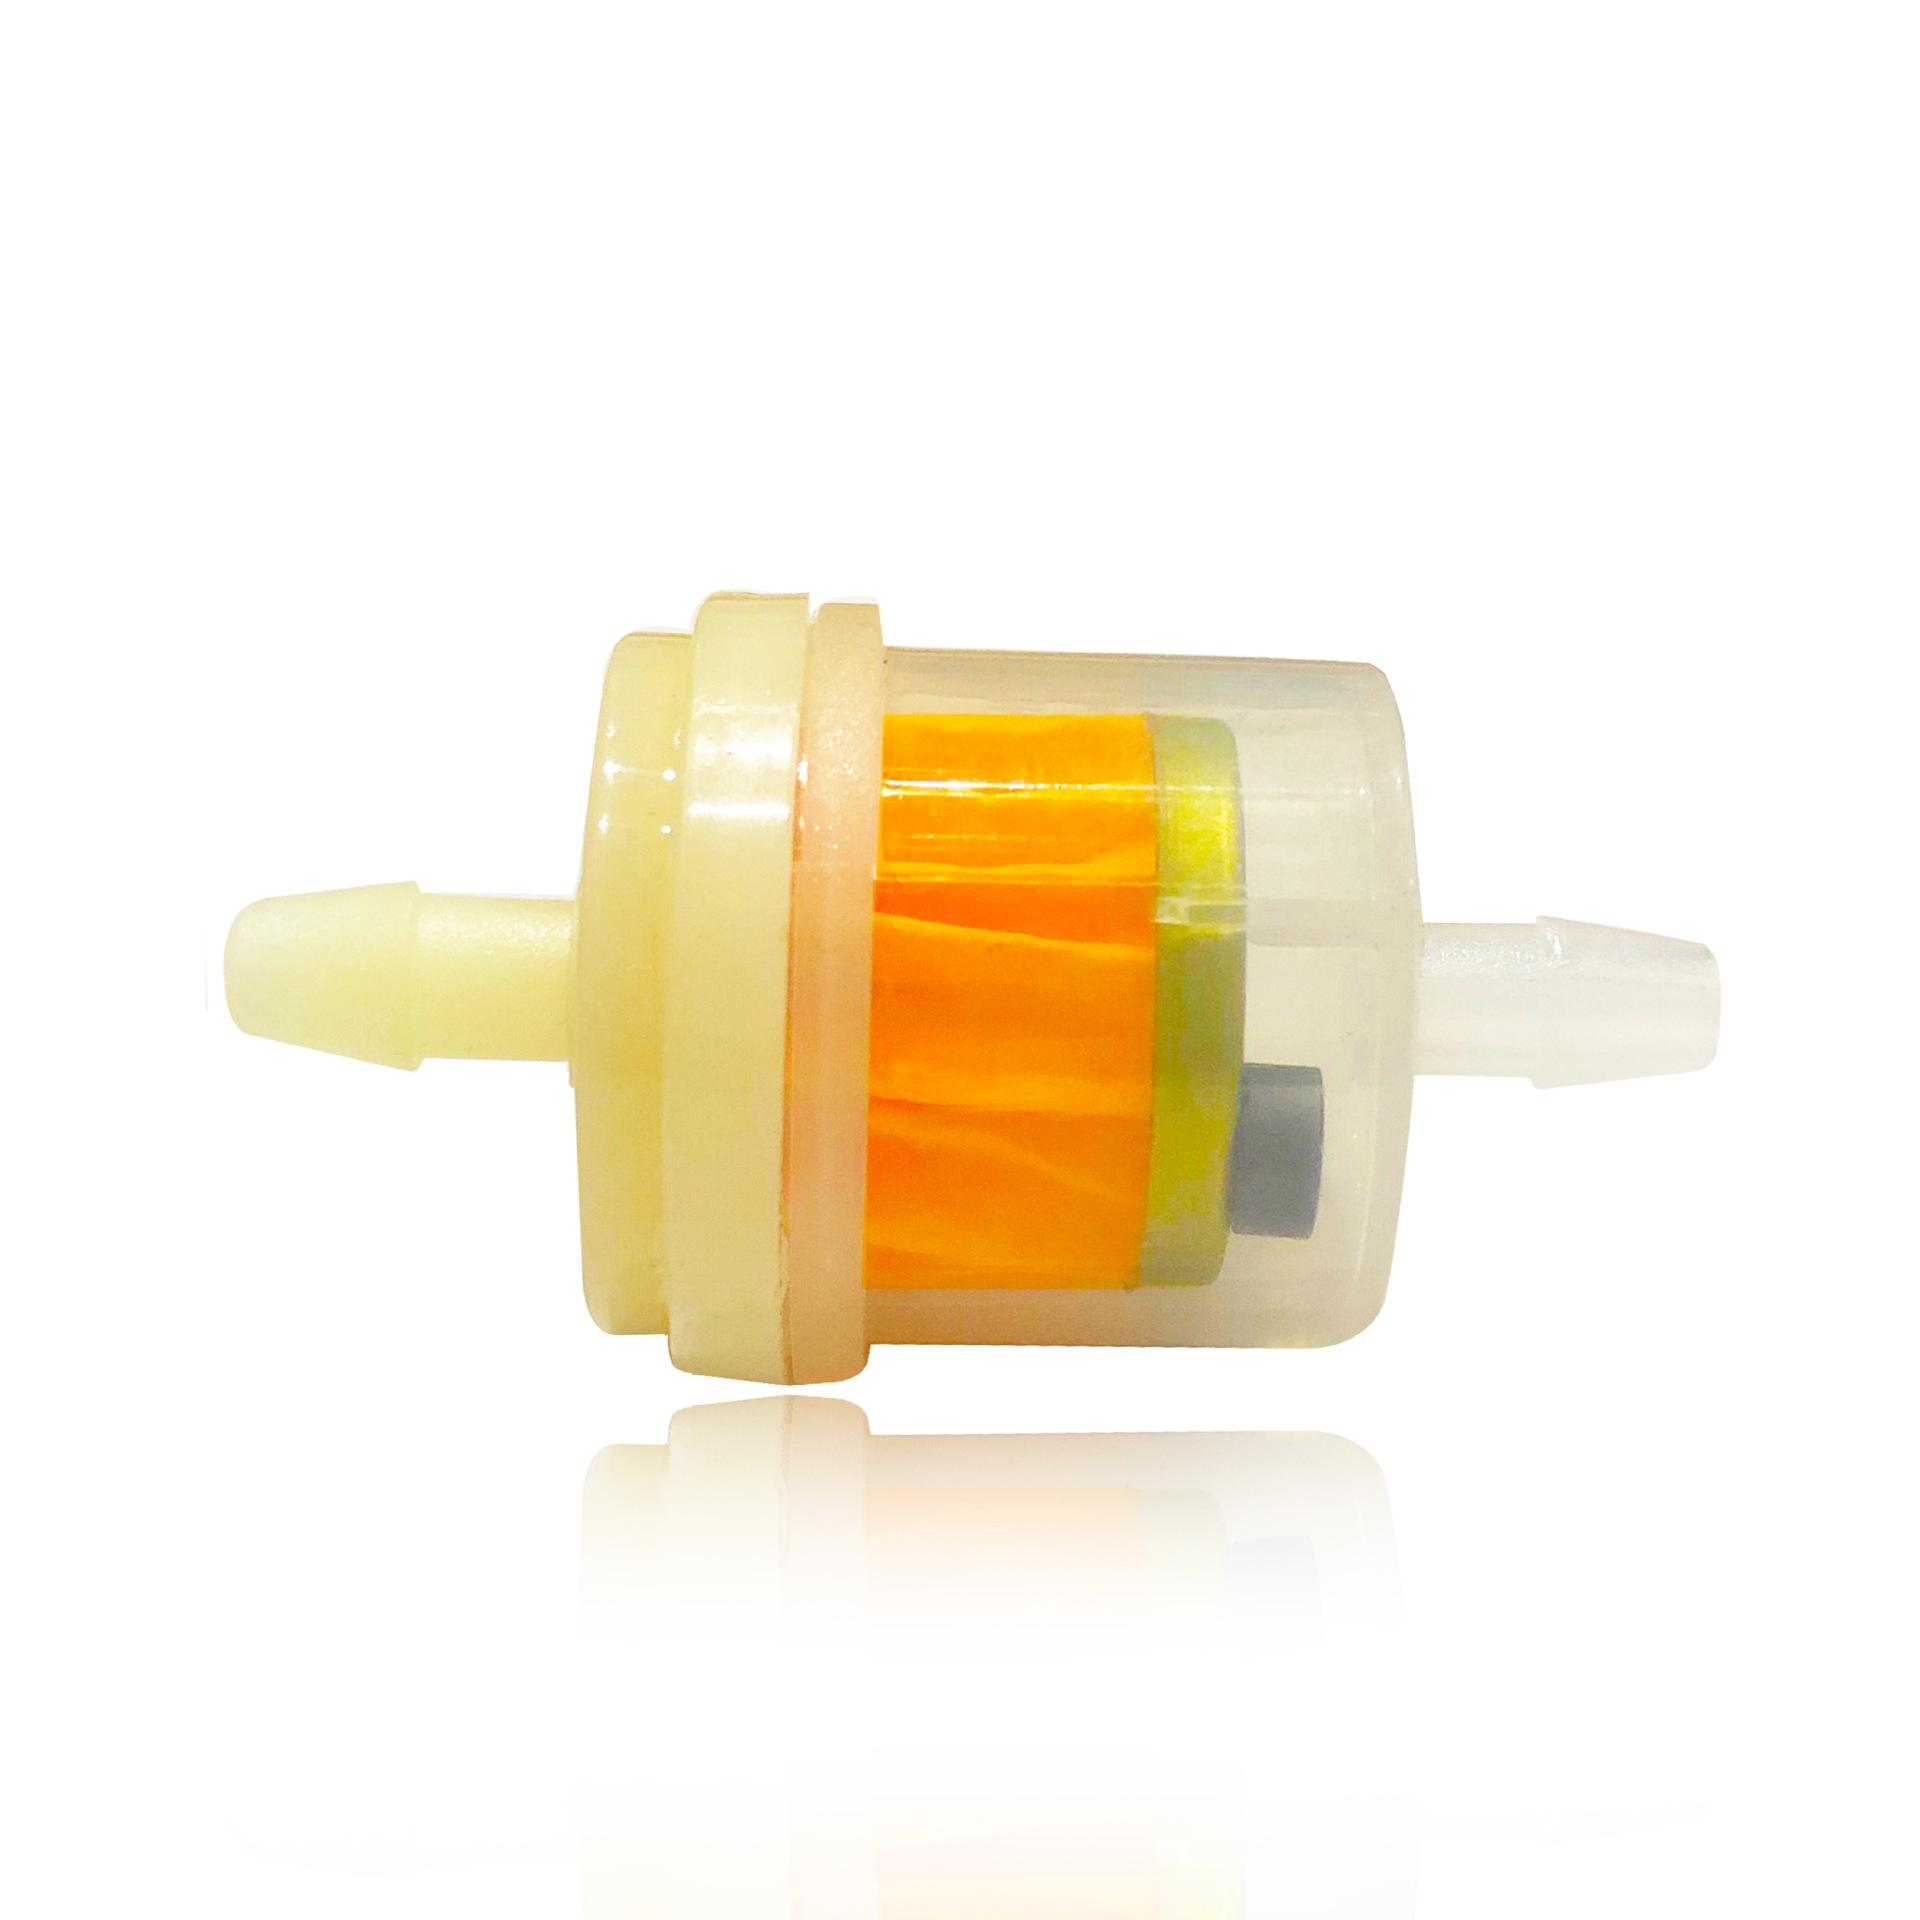 bộ lọc Xe máy Bộ lọc khí đa năng Bộ lọc xăng Cup Bộ lọc dầu trong suốt với bộ lọc từ tính